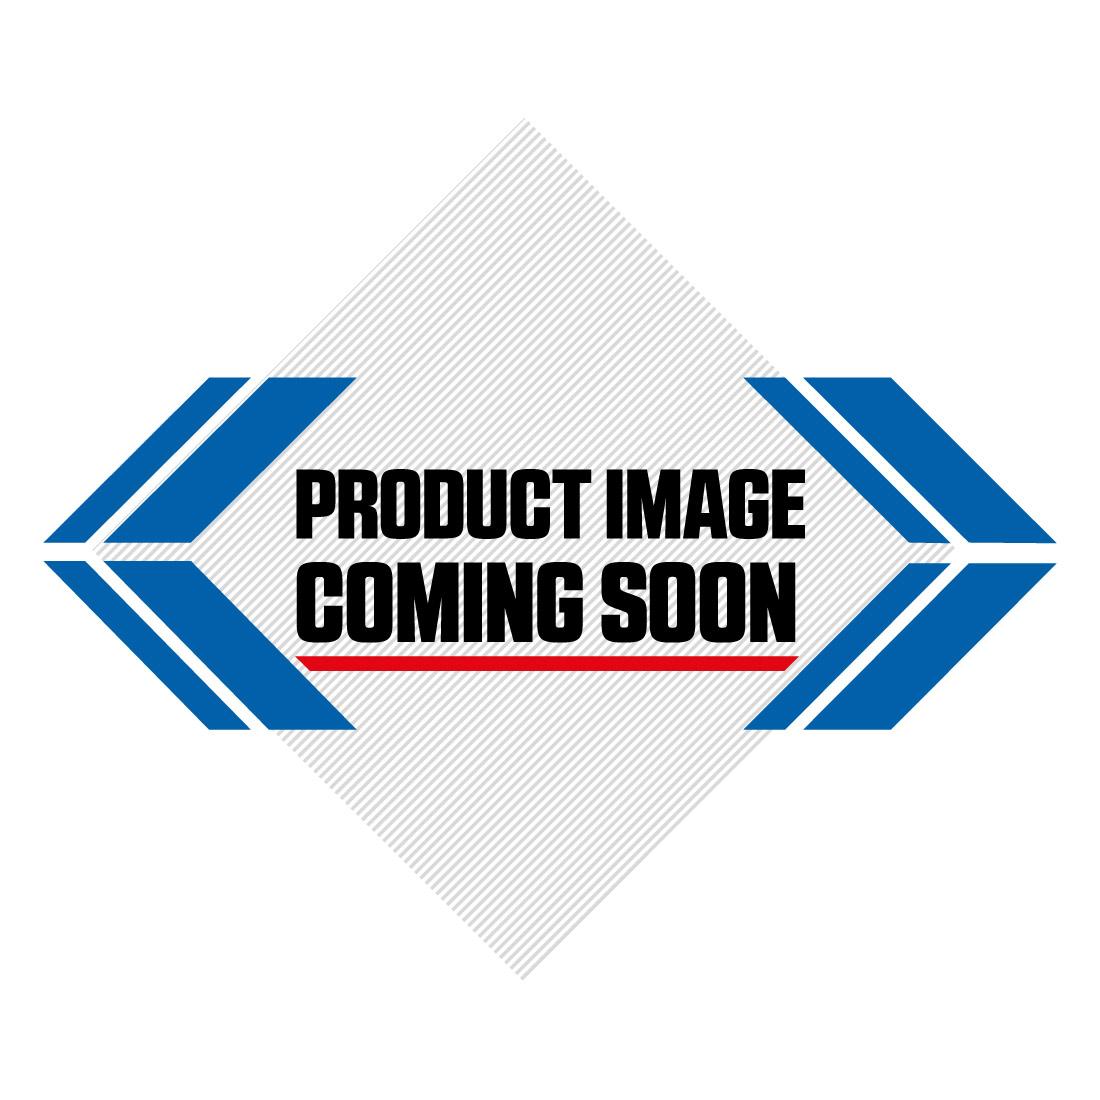 MDR Pro Bite Footpegs KTM SX/SXF125-525 (05-15) EXC/EXCF 125-525 (05-16) - Orange